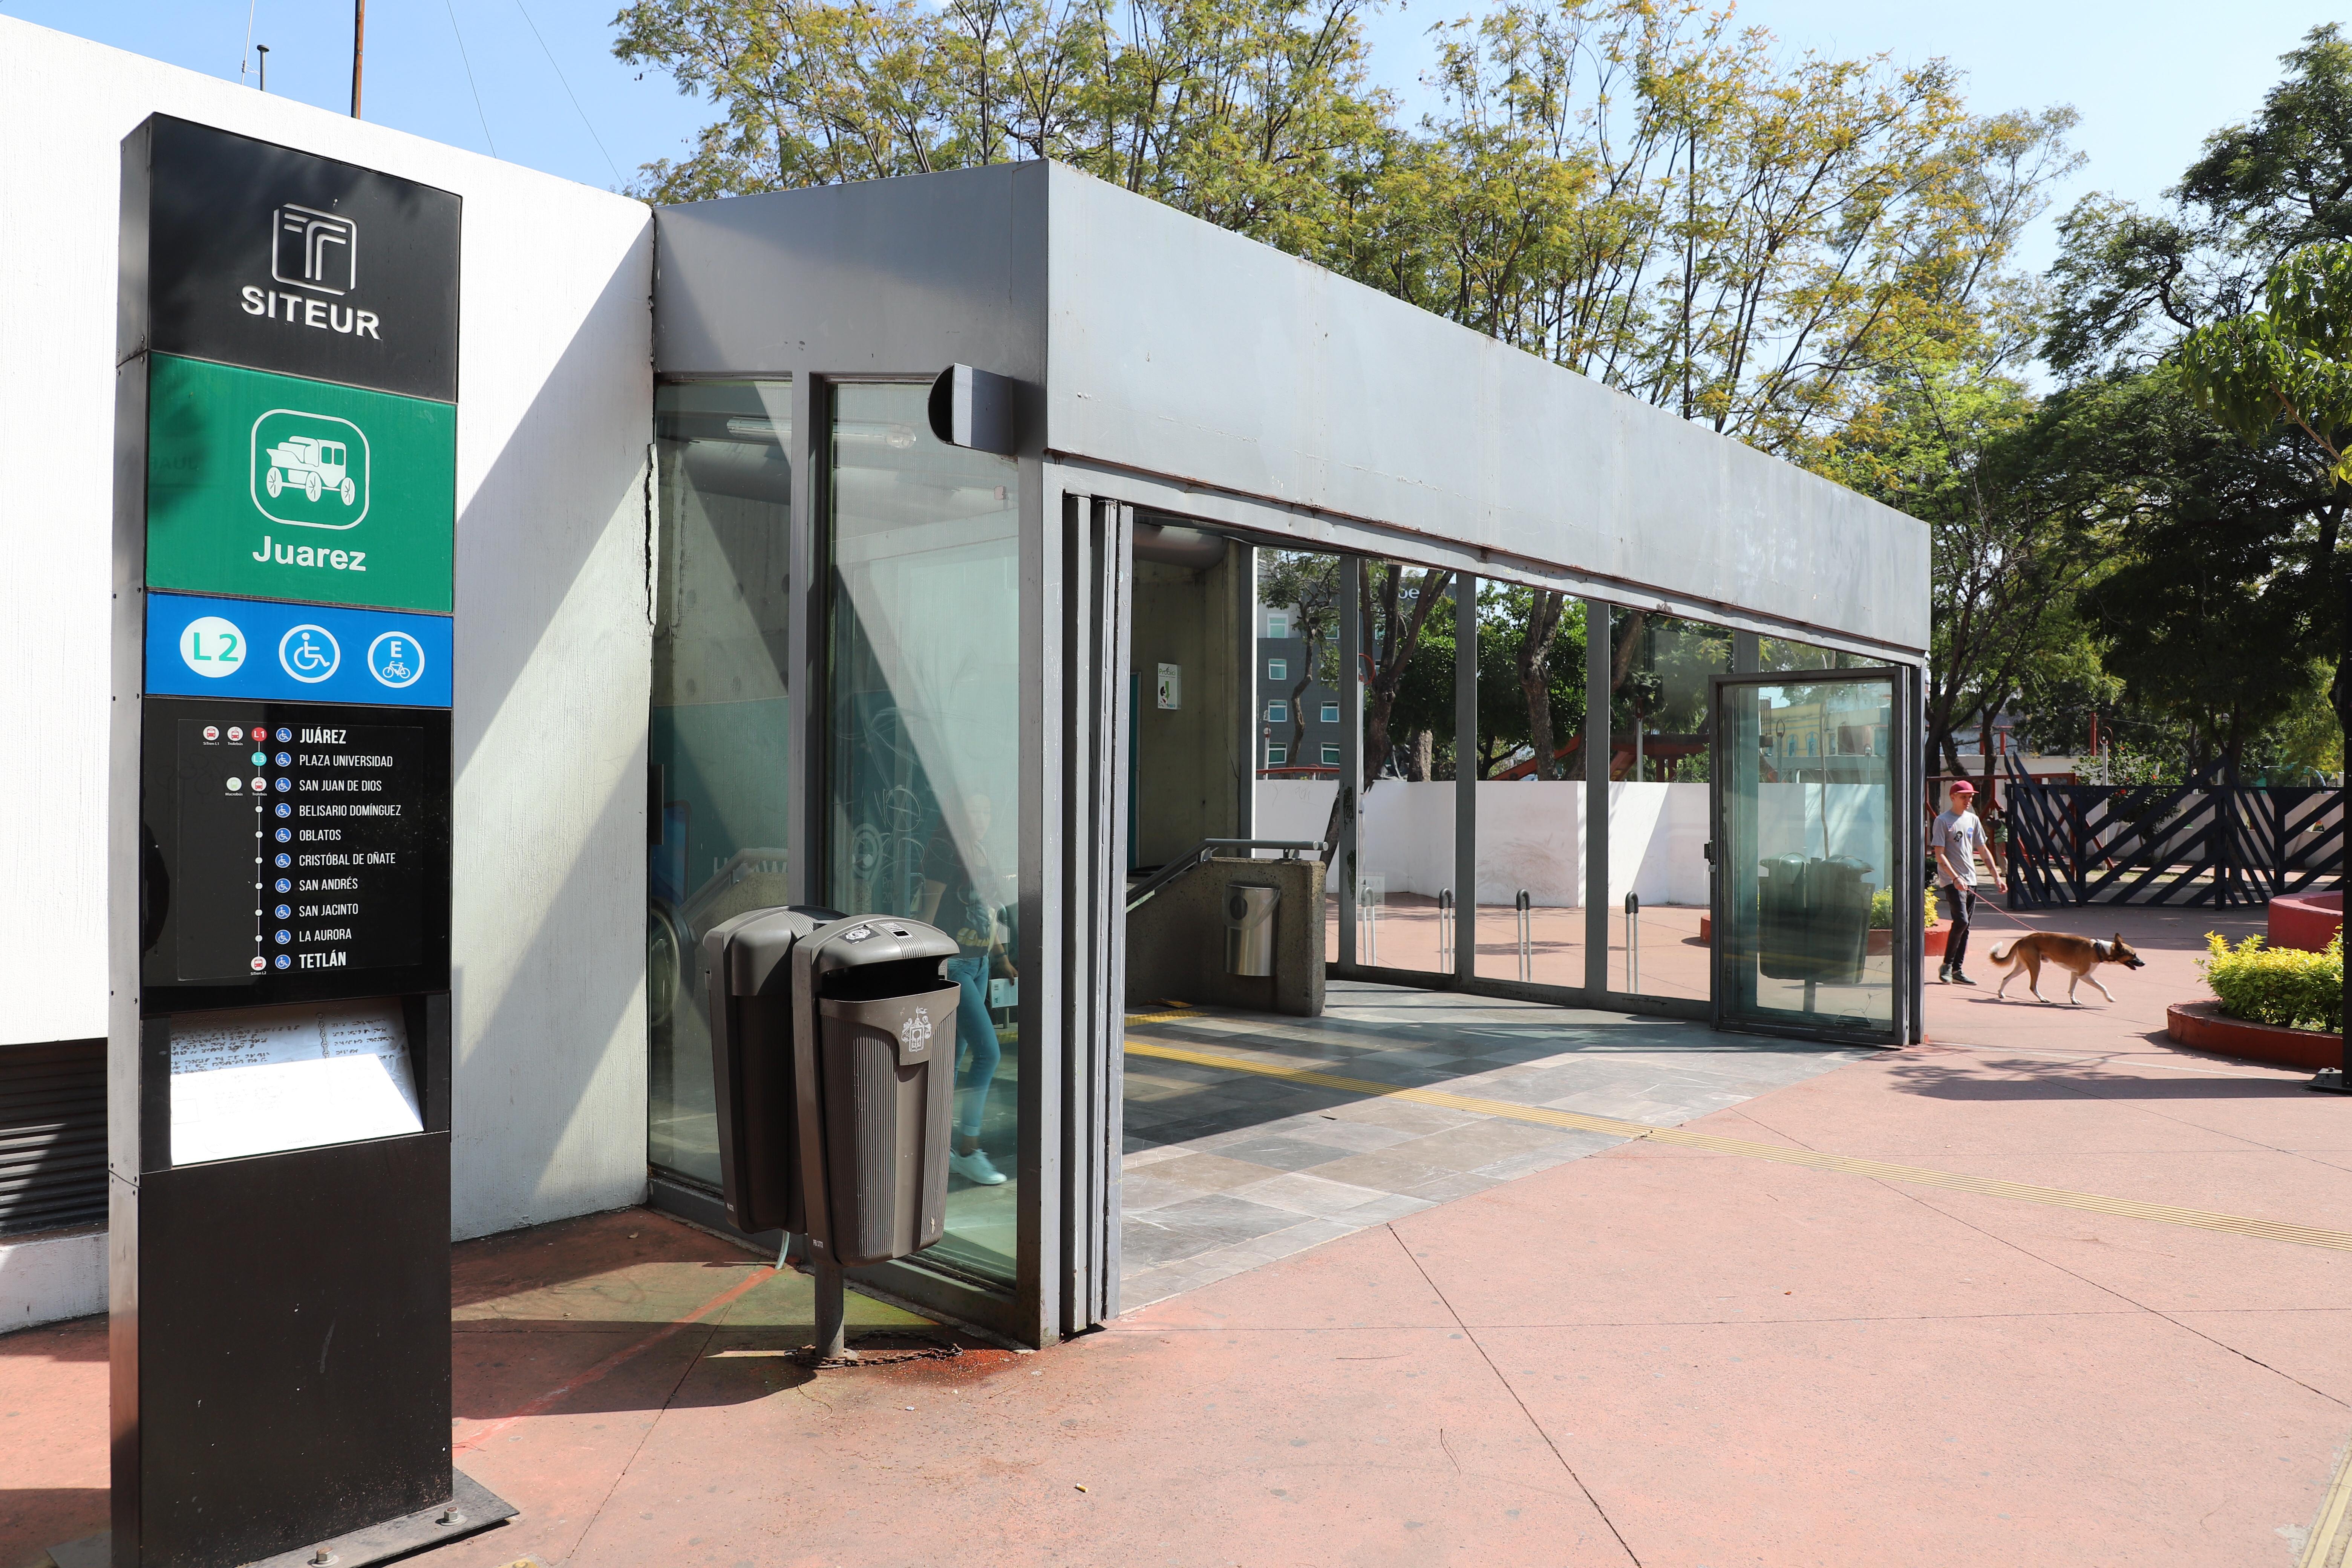 SITEUR continuará con la instalación de escaleras eléctricas en la estación Juárez del Tren Ligero